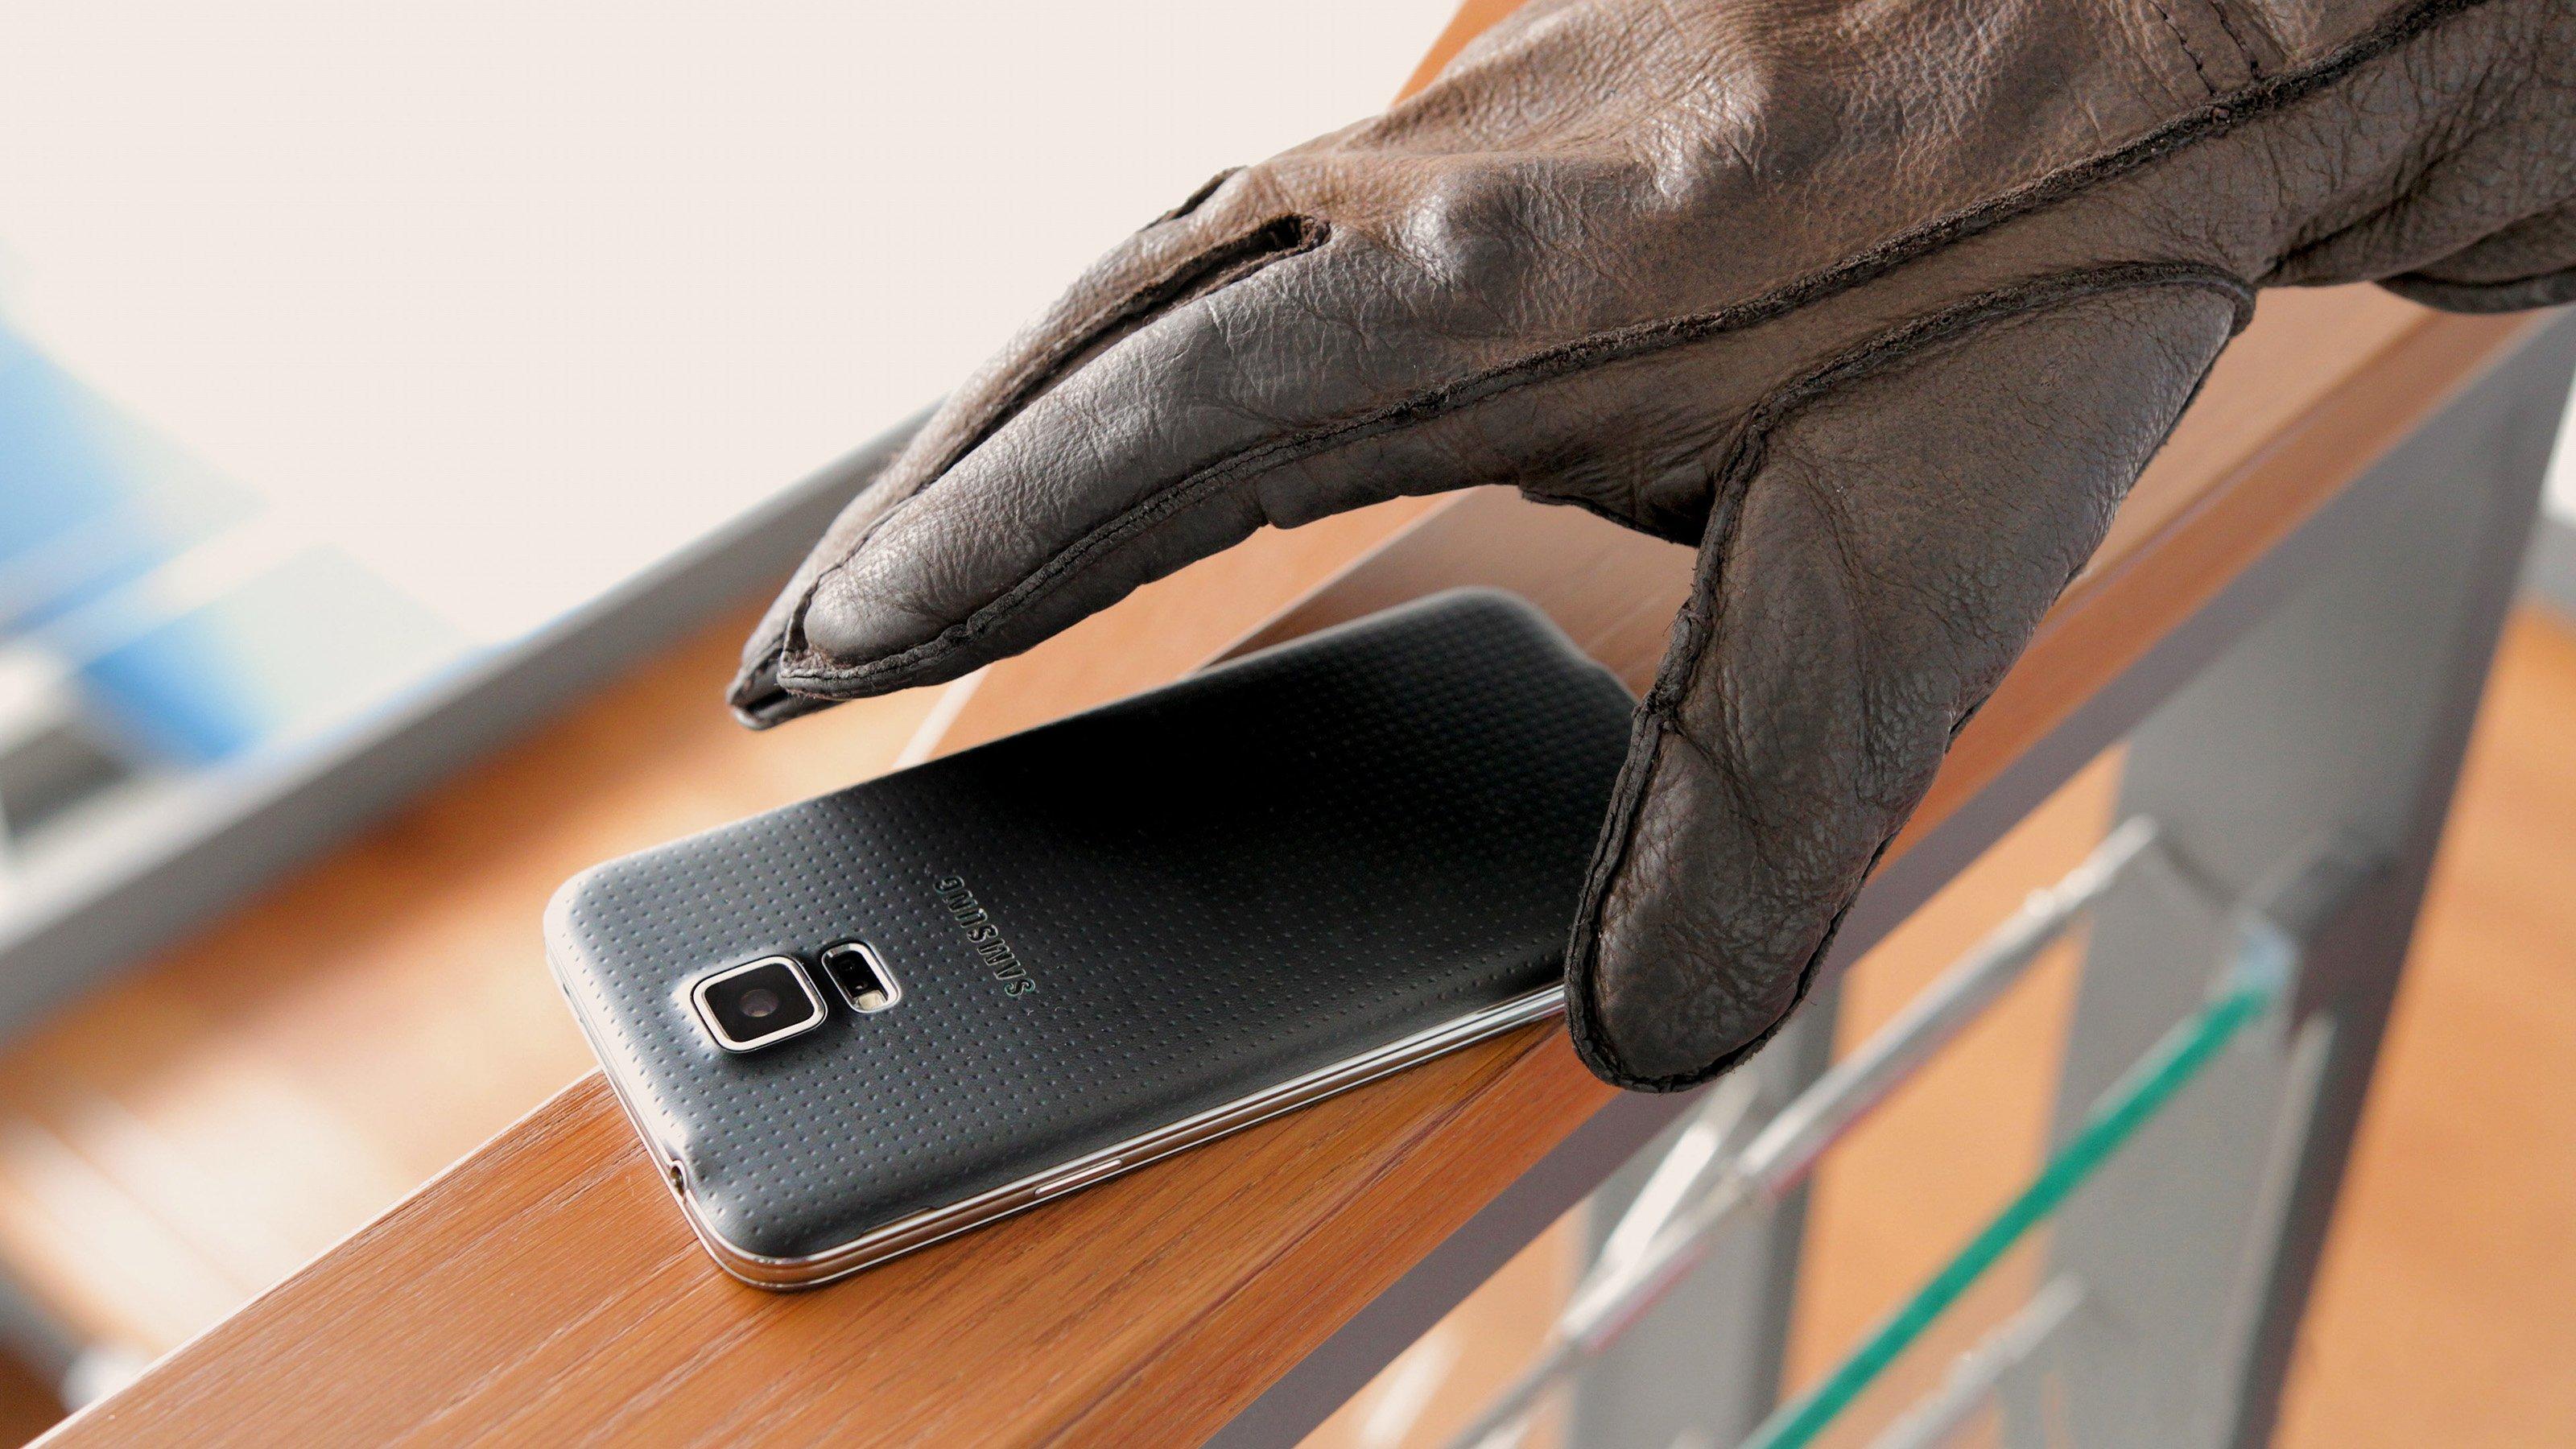 Wo ist mein Smartphone? So könnt Ihr verlorene oder geklaute Handys orten